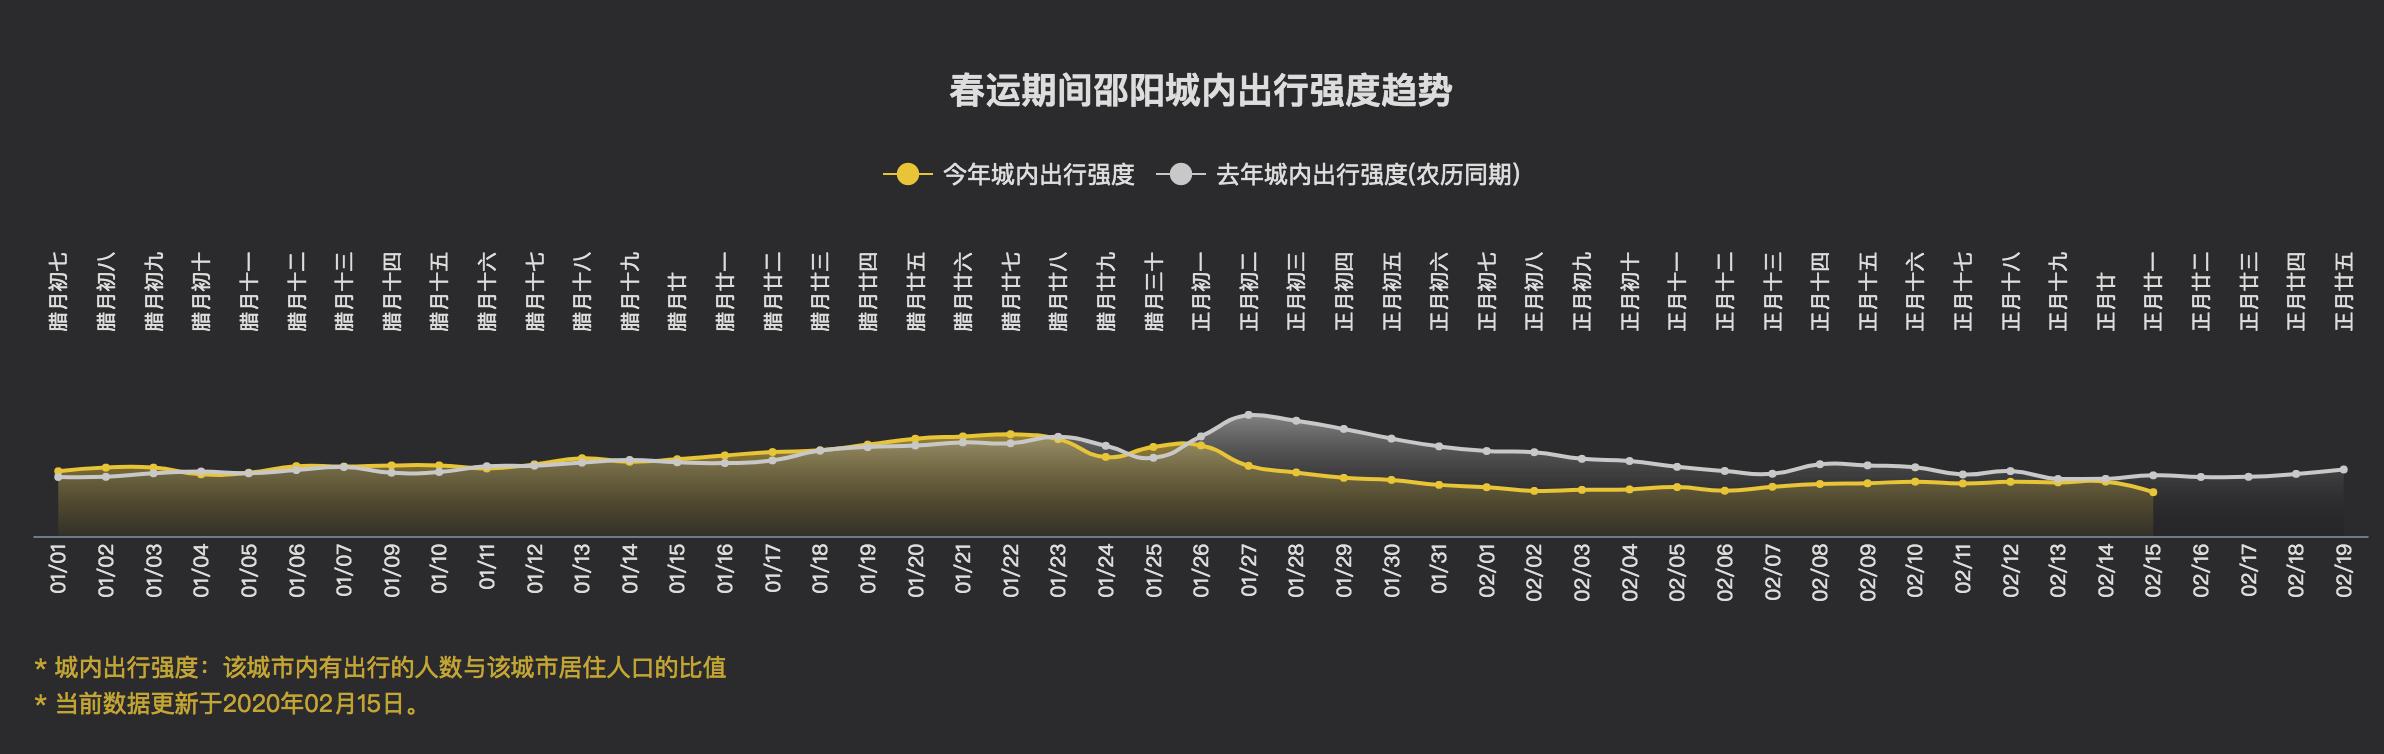 图8:典型人口流入地和流出地春节期间的市内出行强度模式对比